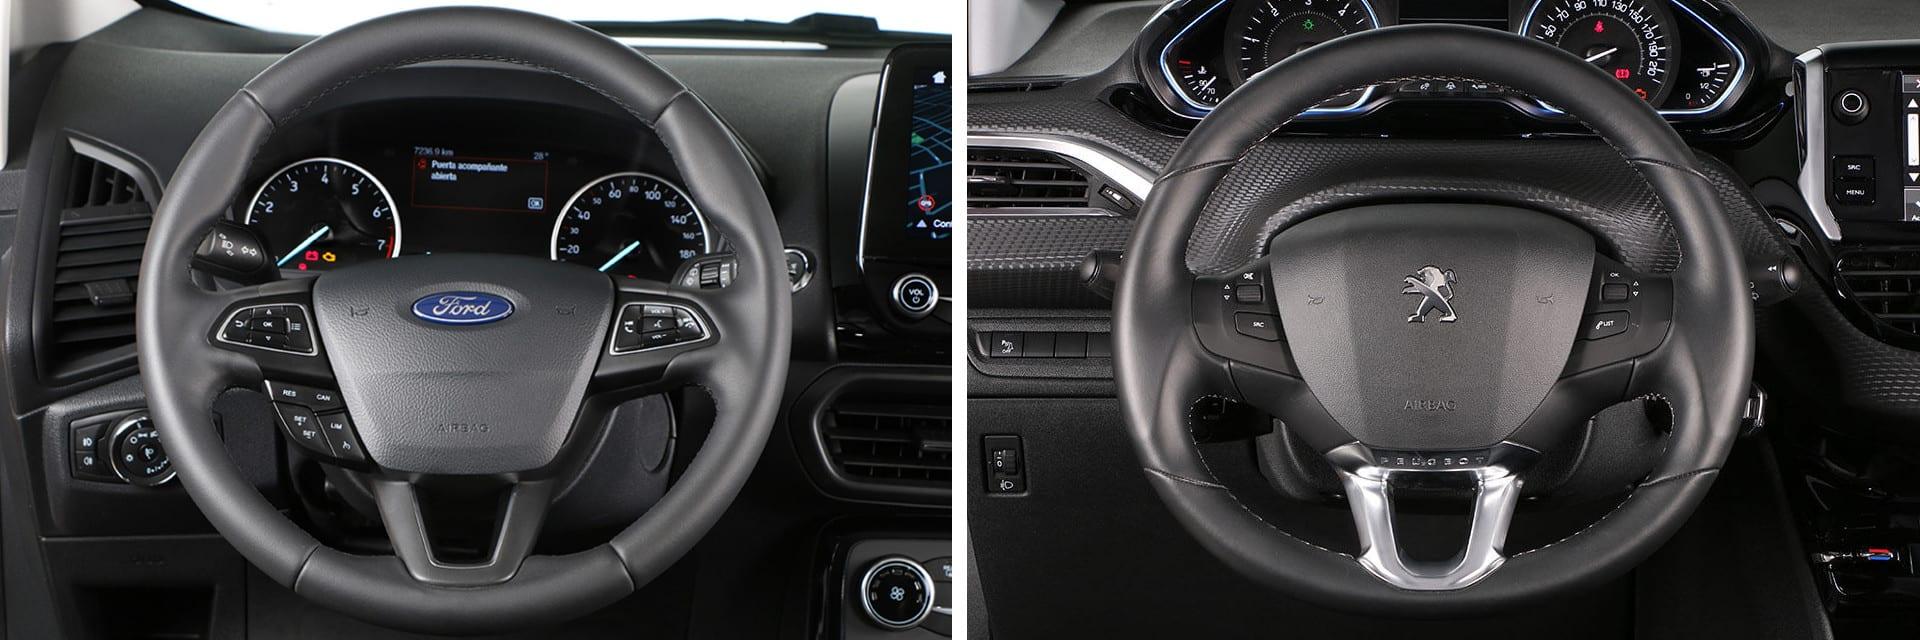 El volante del Peugeot 2008 (dcha.) tiene unas dimensiones más reducidas de lo normal.